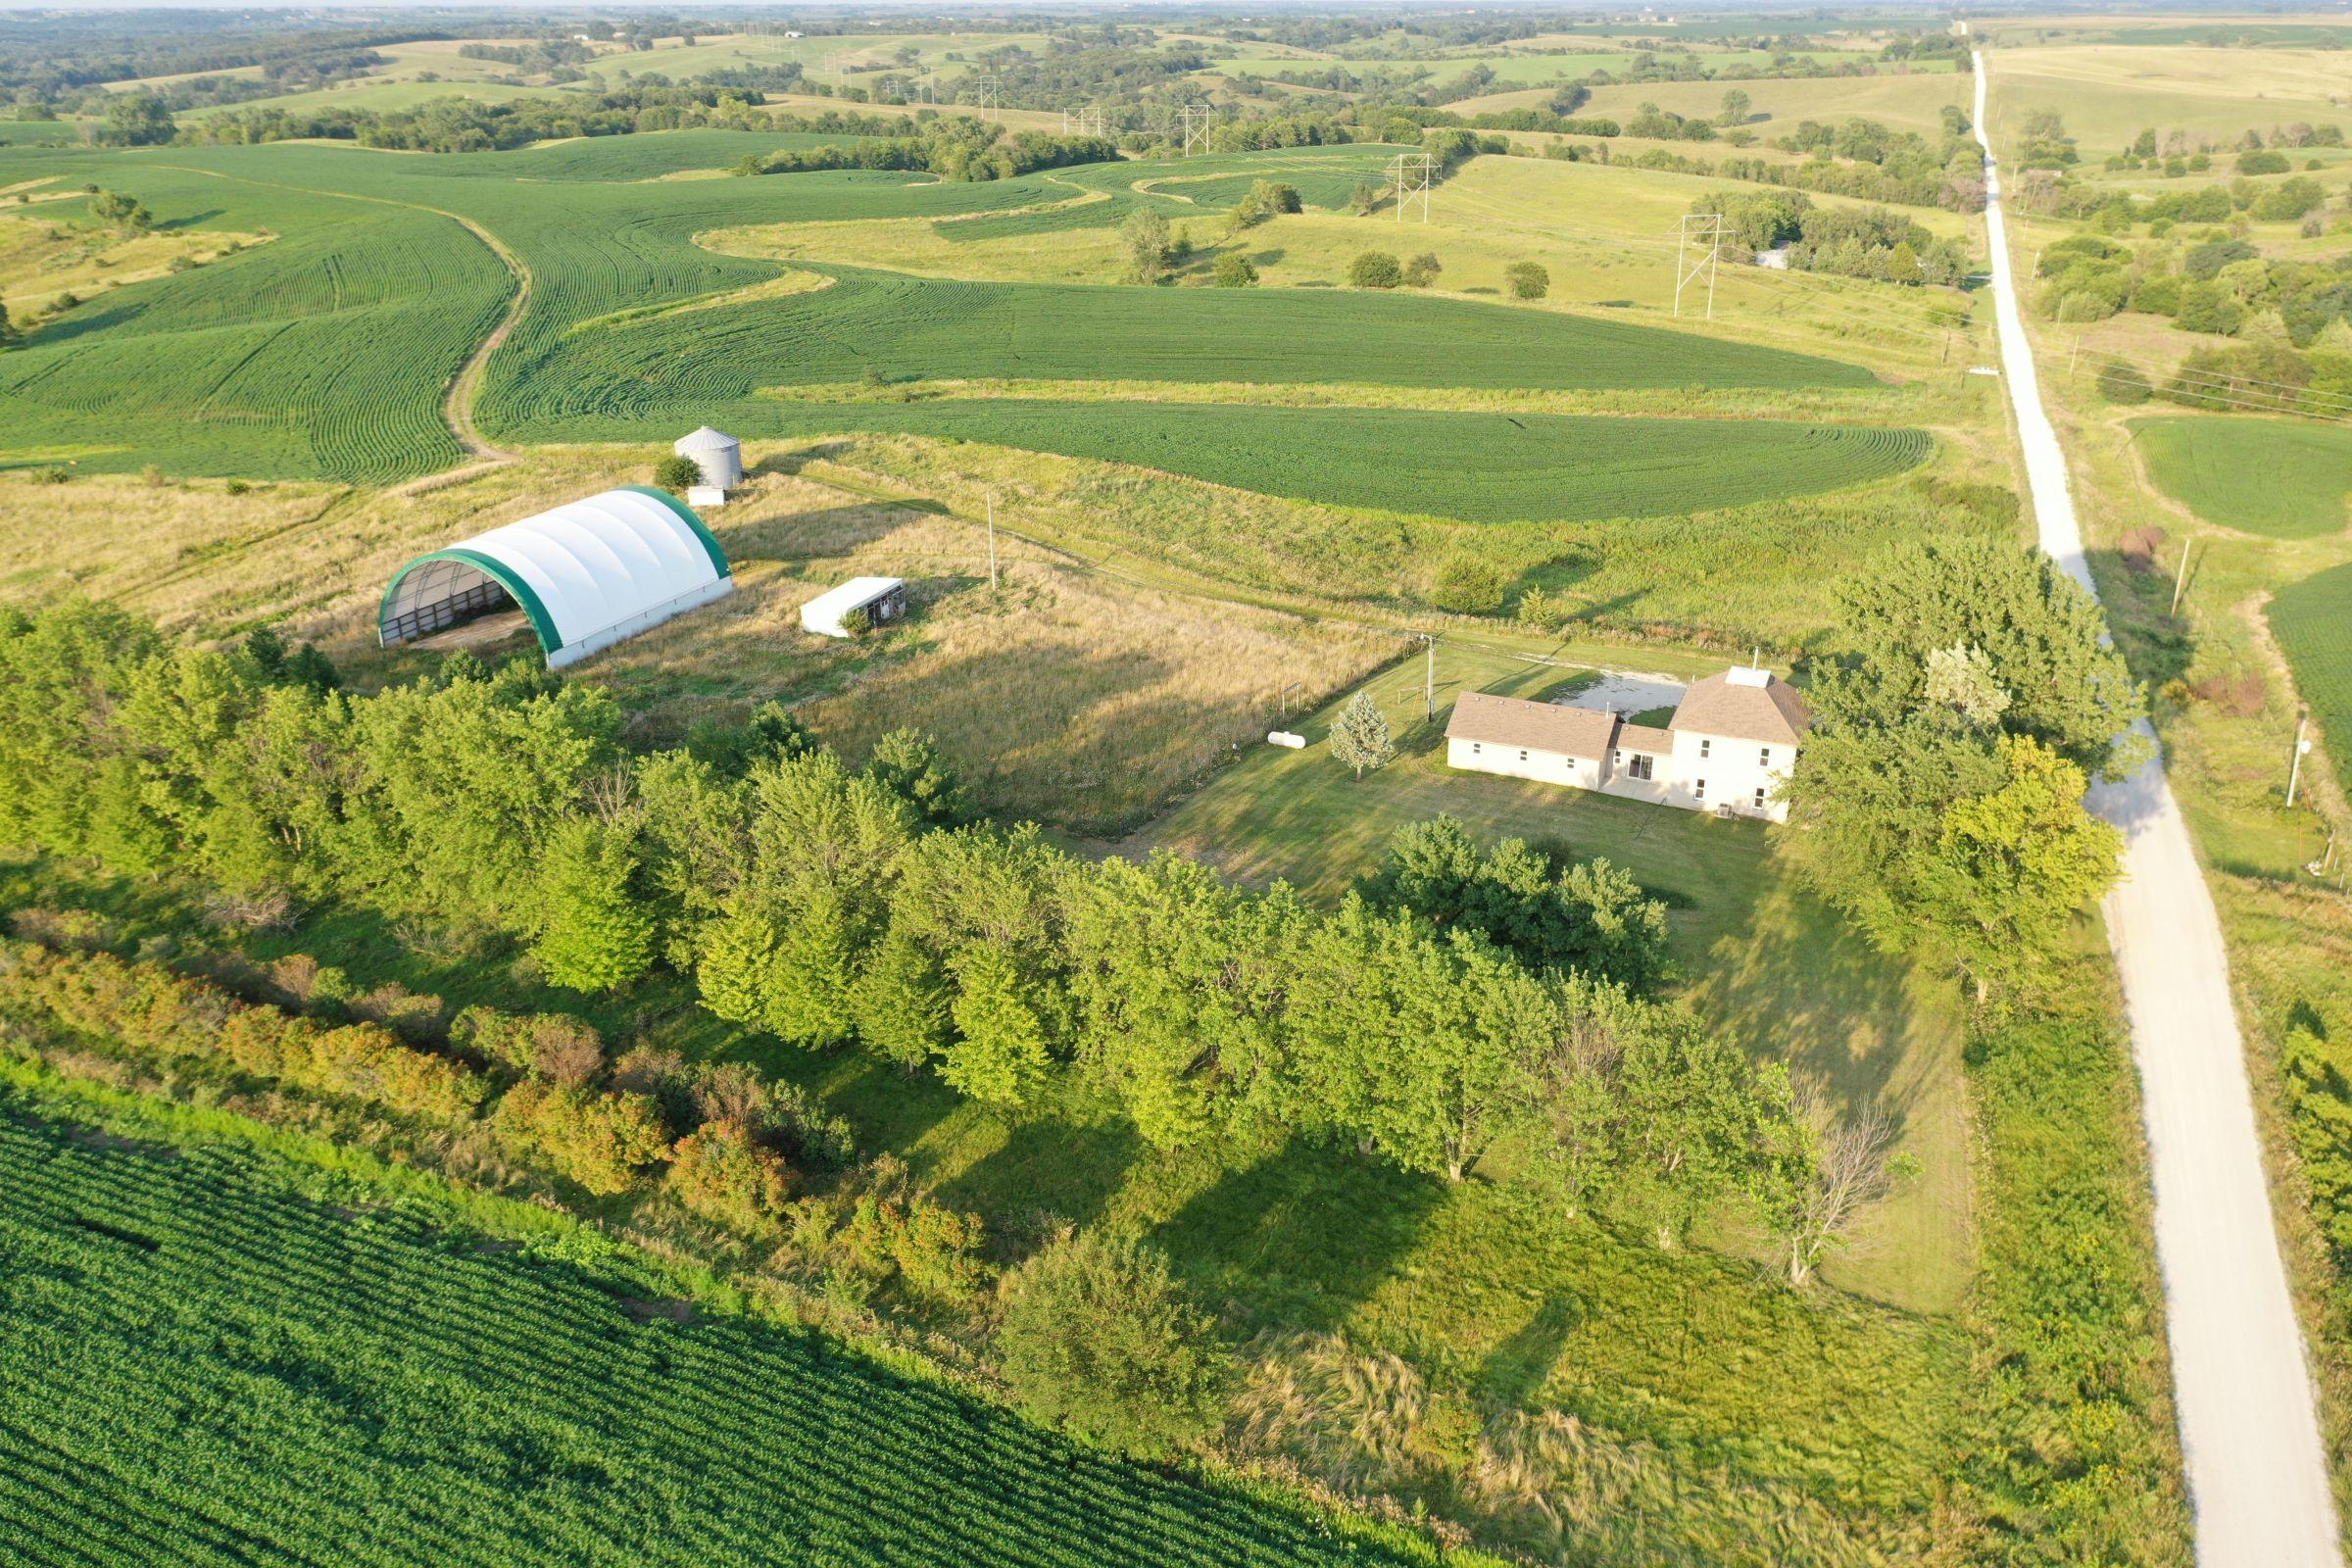 residential-adair-county-iowa-6-acres-listing-number-15664-0-2021-08-04-193337.JPG